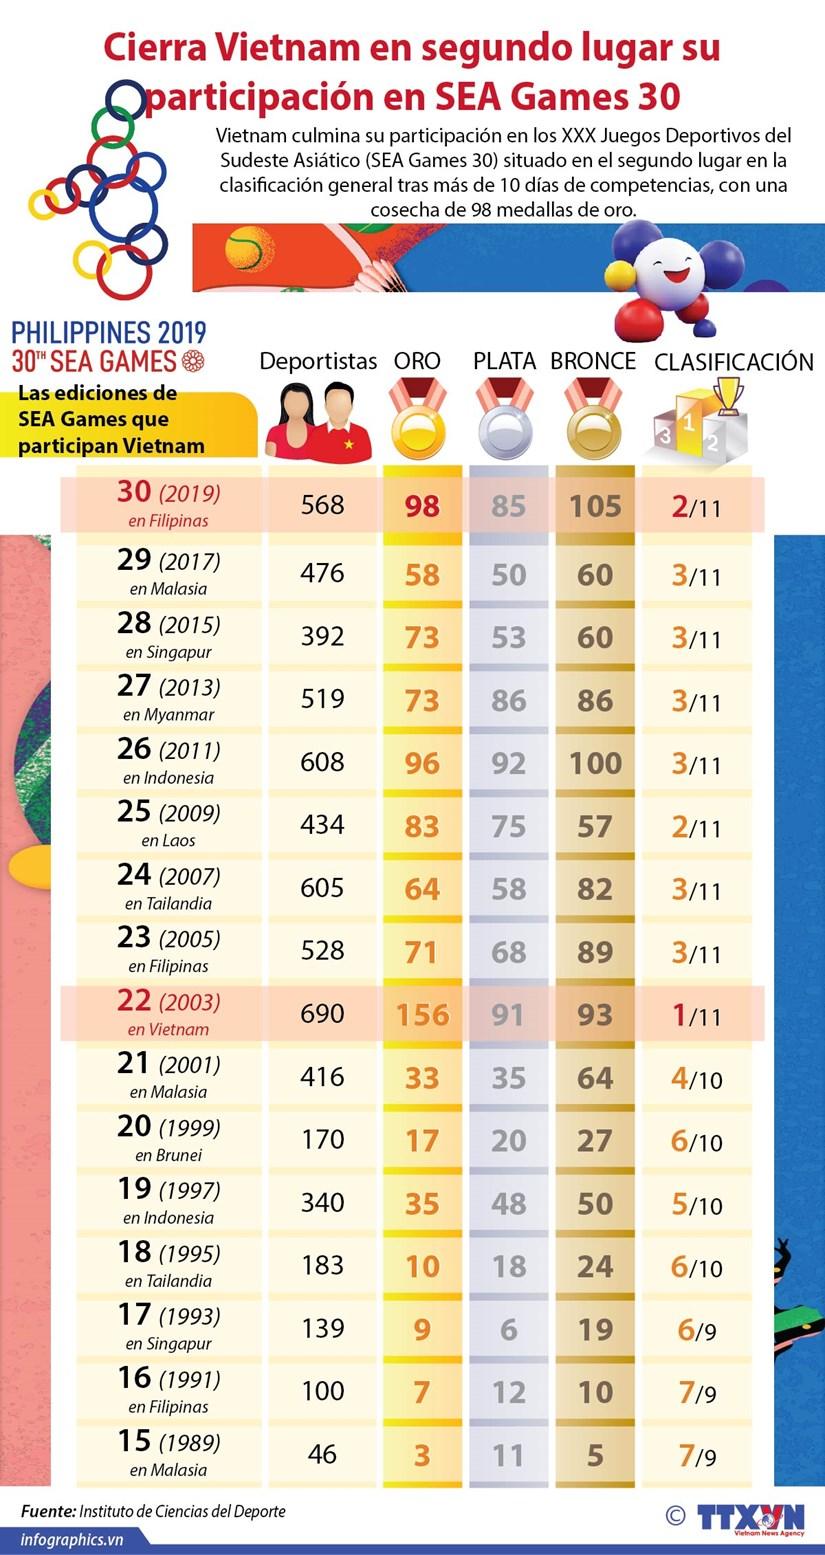 [Infografia] Cierra Vietnam en segundo lugar su participacion en SEA Games 30 hinh anh 1